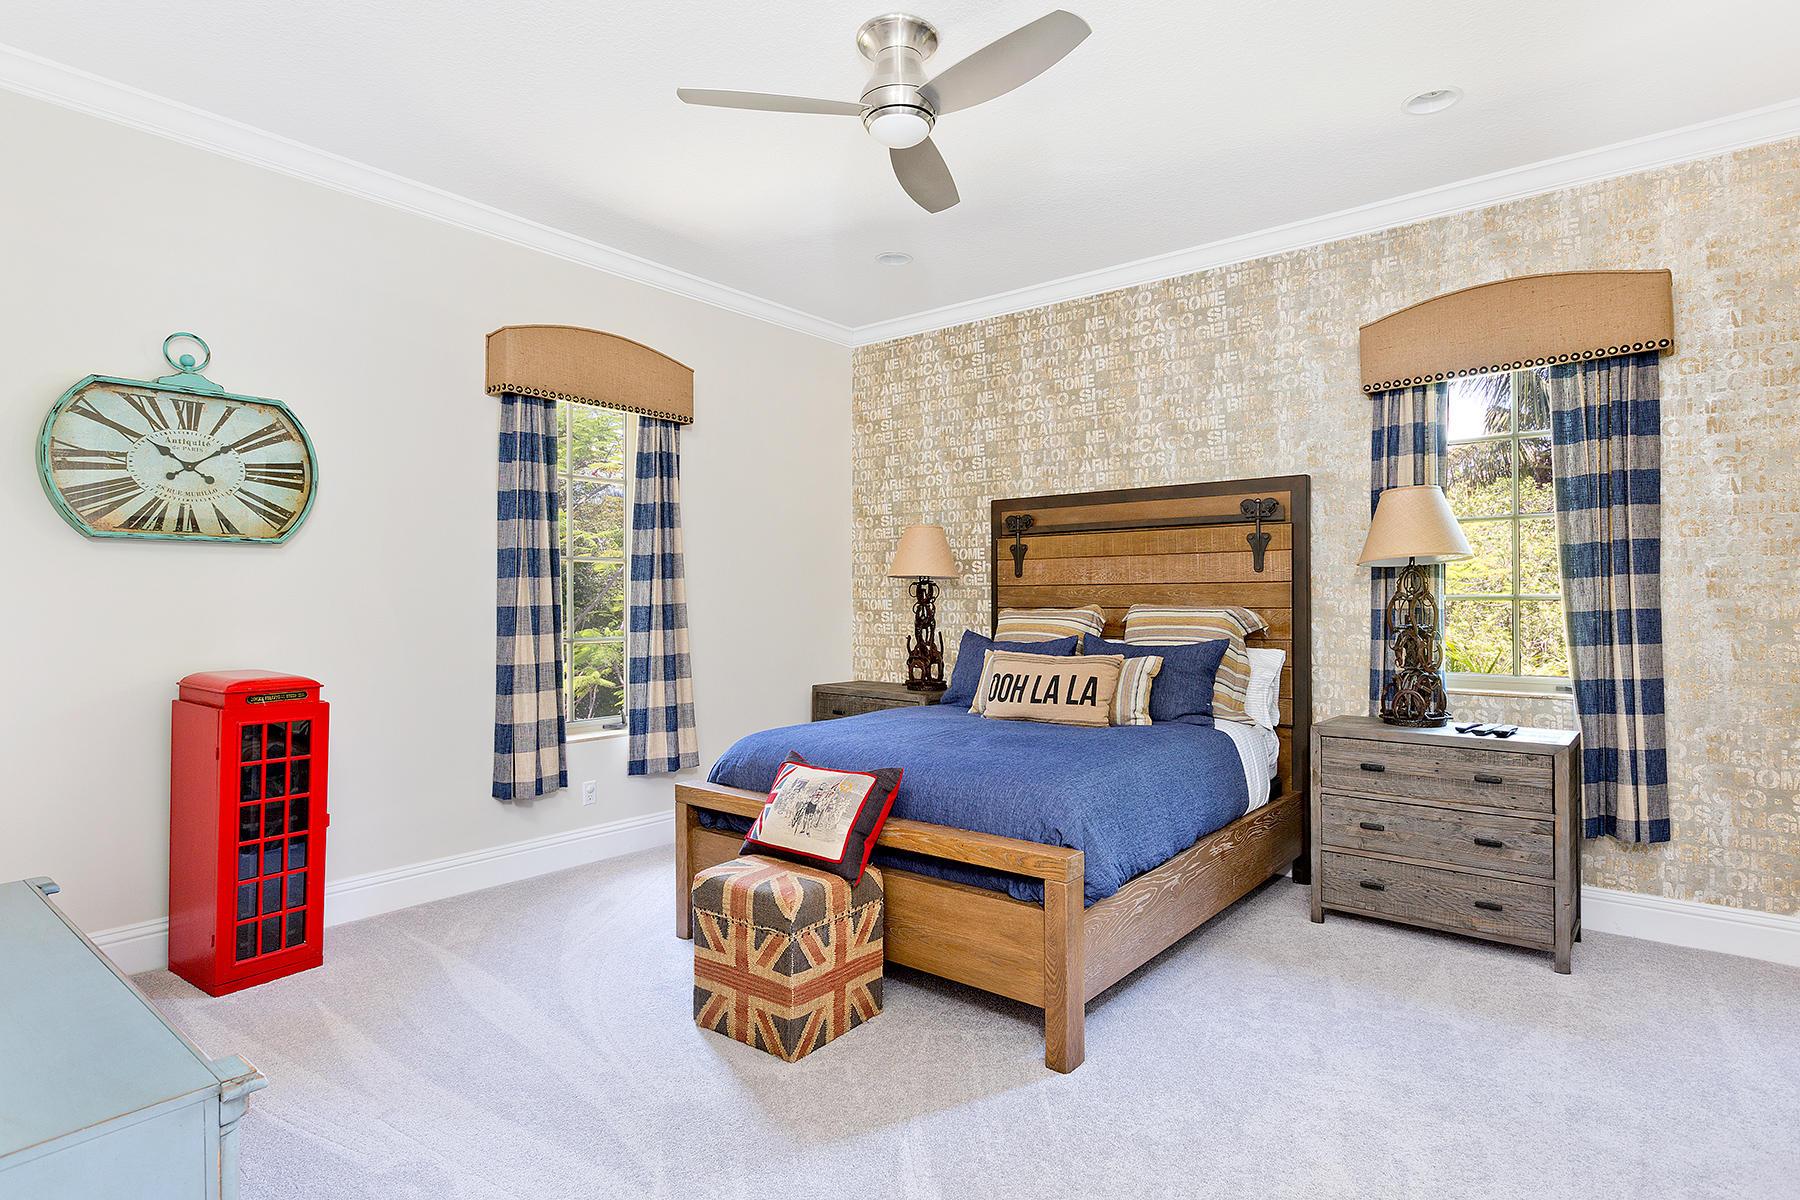 65_Bedroom4_2